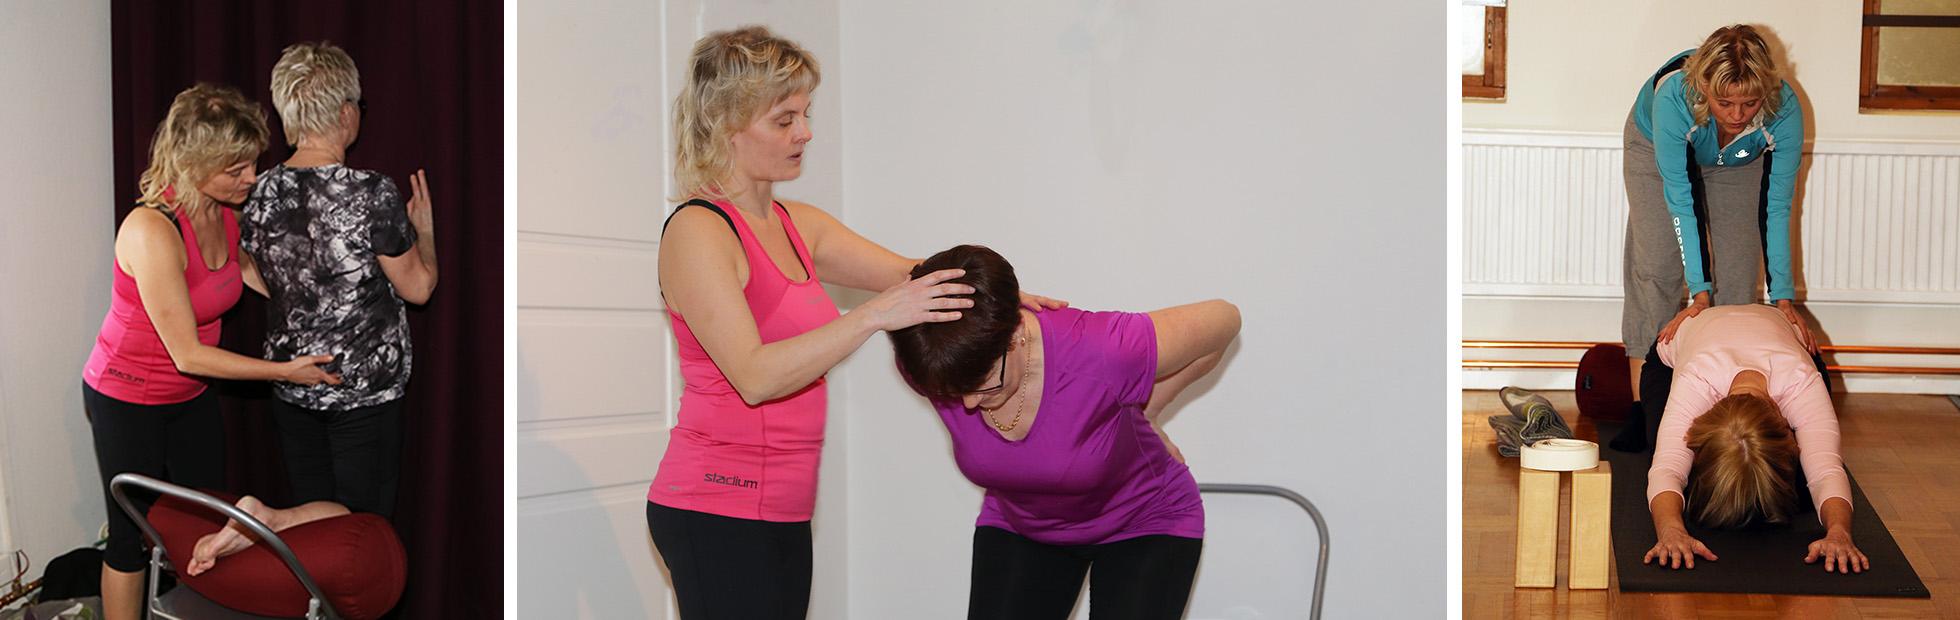 Personlig träning med Christina Froh.